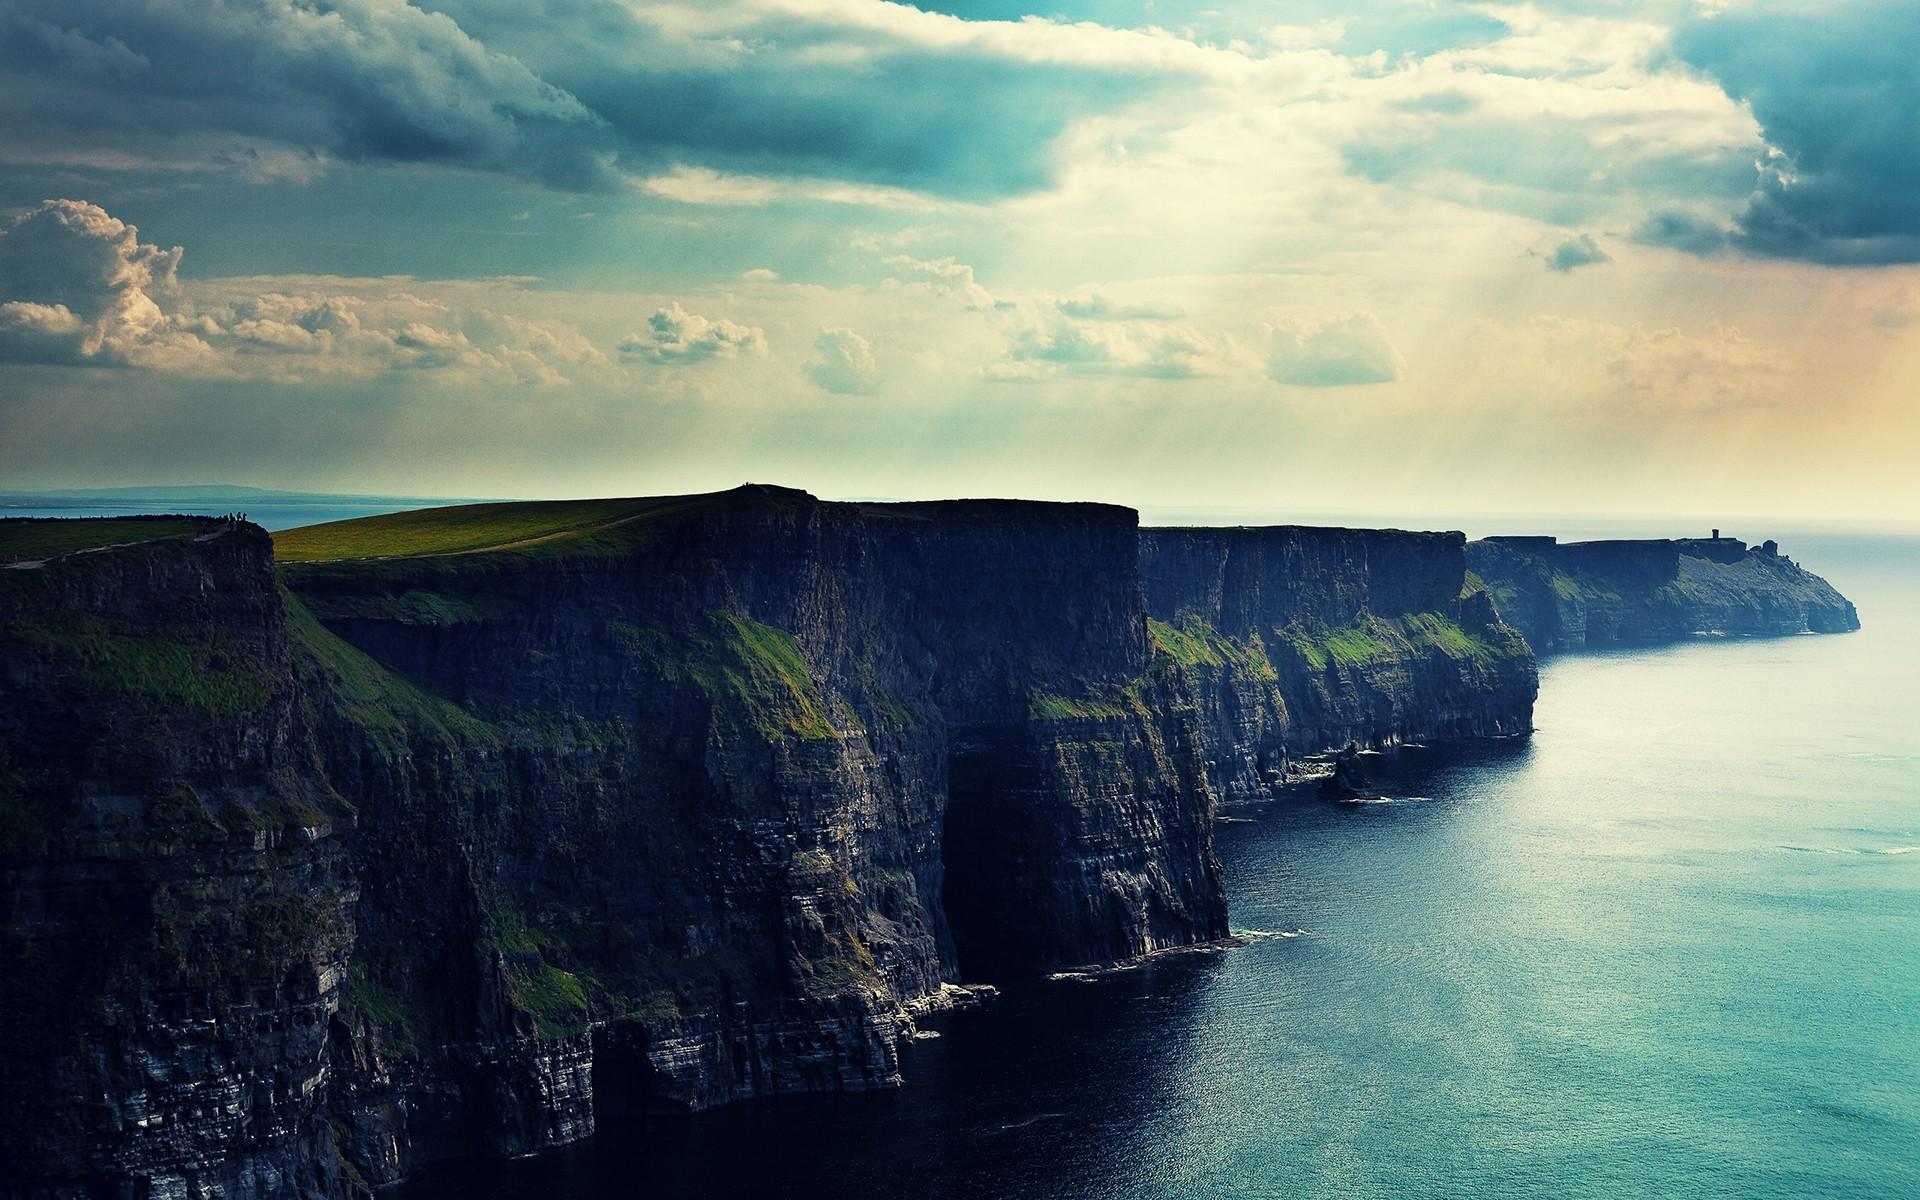 23256 скачать обои Пейзаж, Горы, Море, Солнце, Облака - заставки и картинки бесплатно